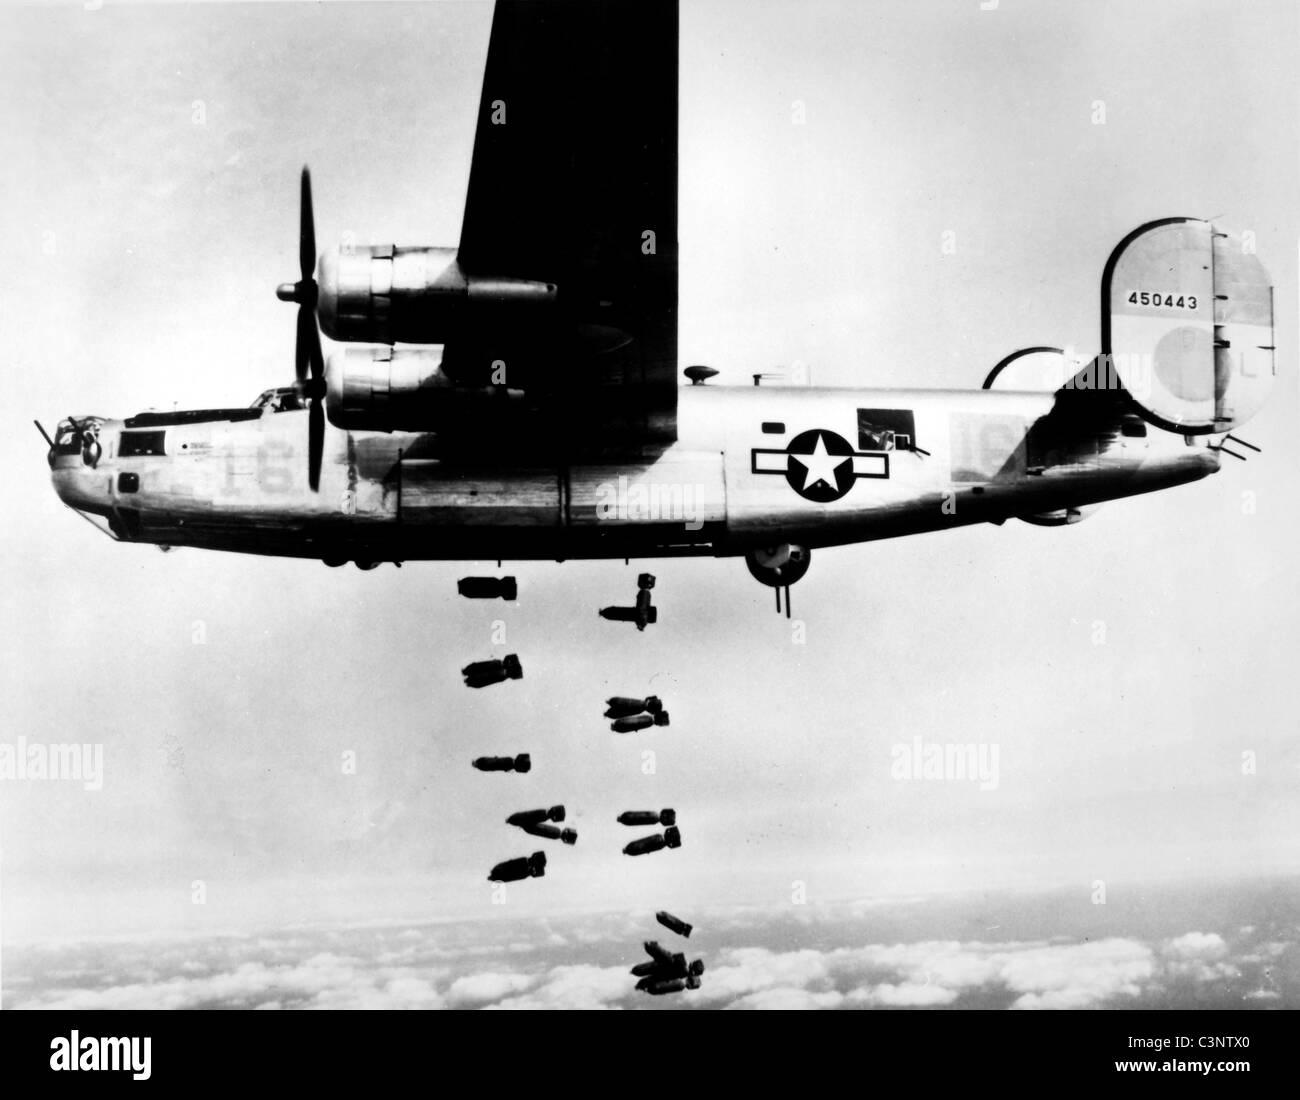 Un consolidato B-24 Liberator del XV A.F. rilascia le sue bombe sul railyards a Muhldorf, Germania il 19 marzo 1945. Immagini Stock